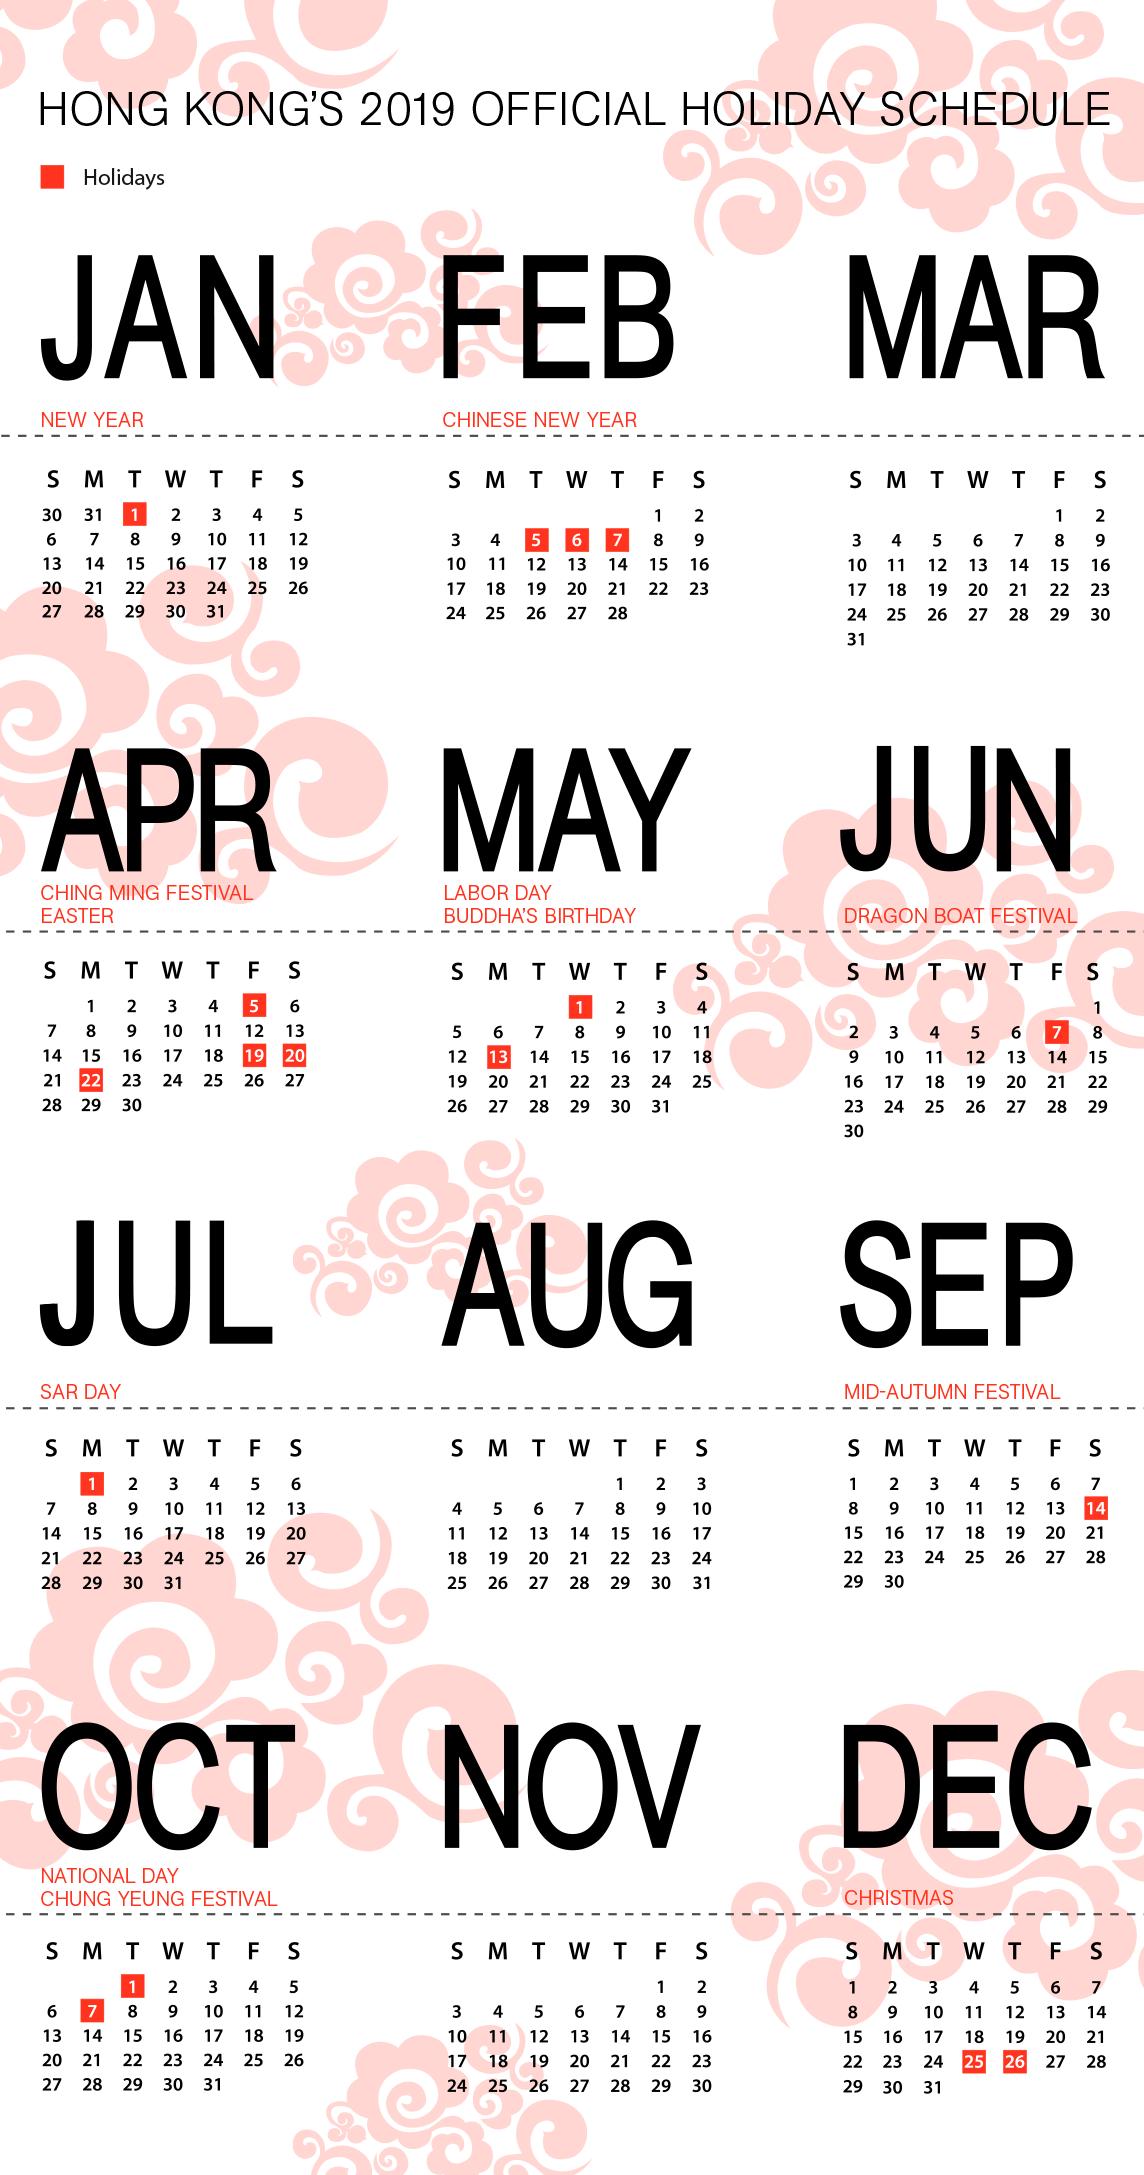 Christmas Holidays 2019 Calendar.Hong Kong S 2019 Holiday Schedule China Briefing News